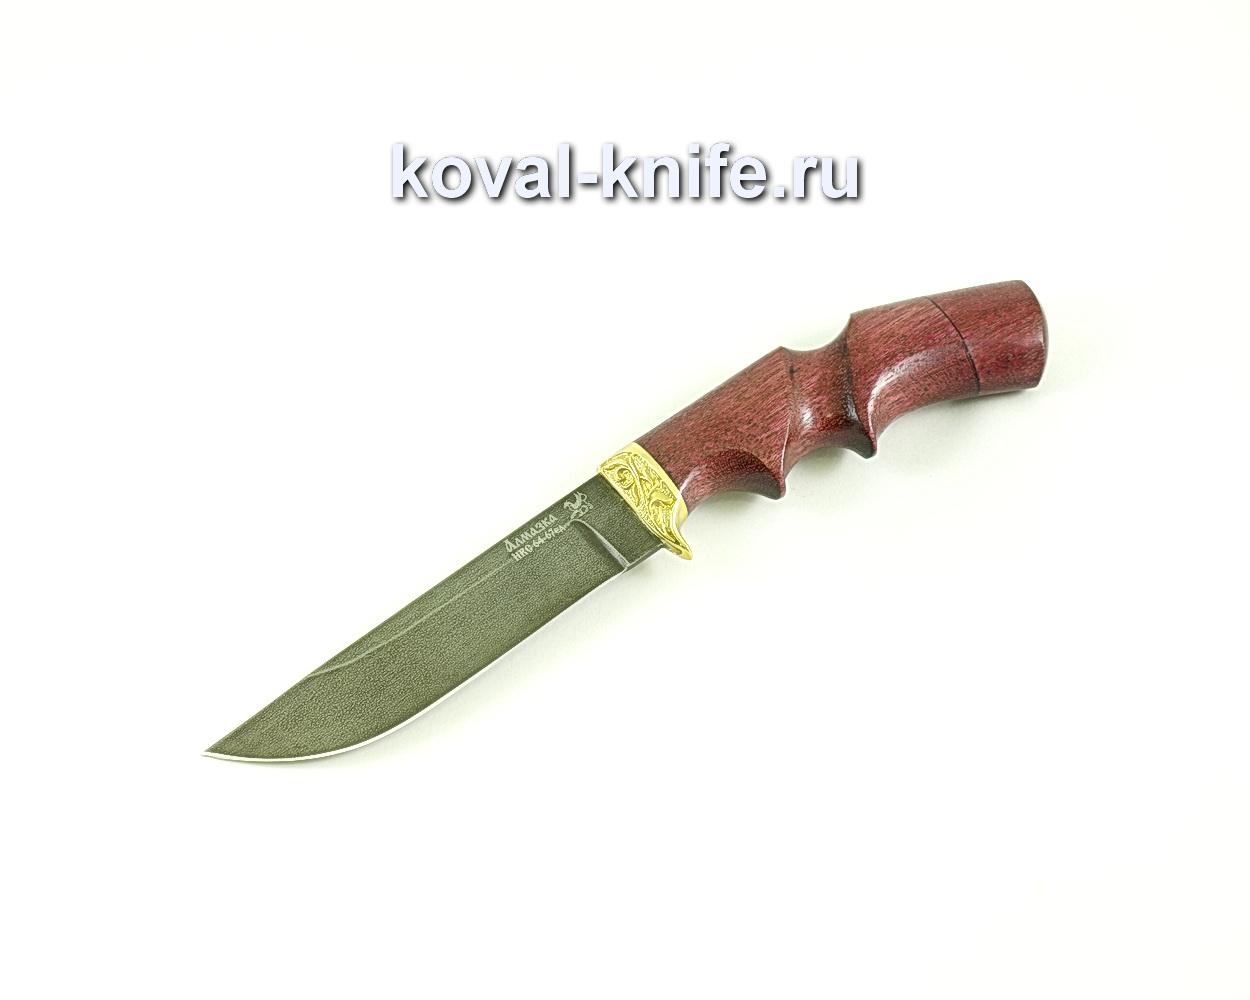 Нож Белка (сталь ХВ5-Алмазка), рукоять амарант, литье